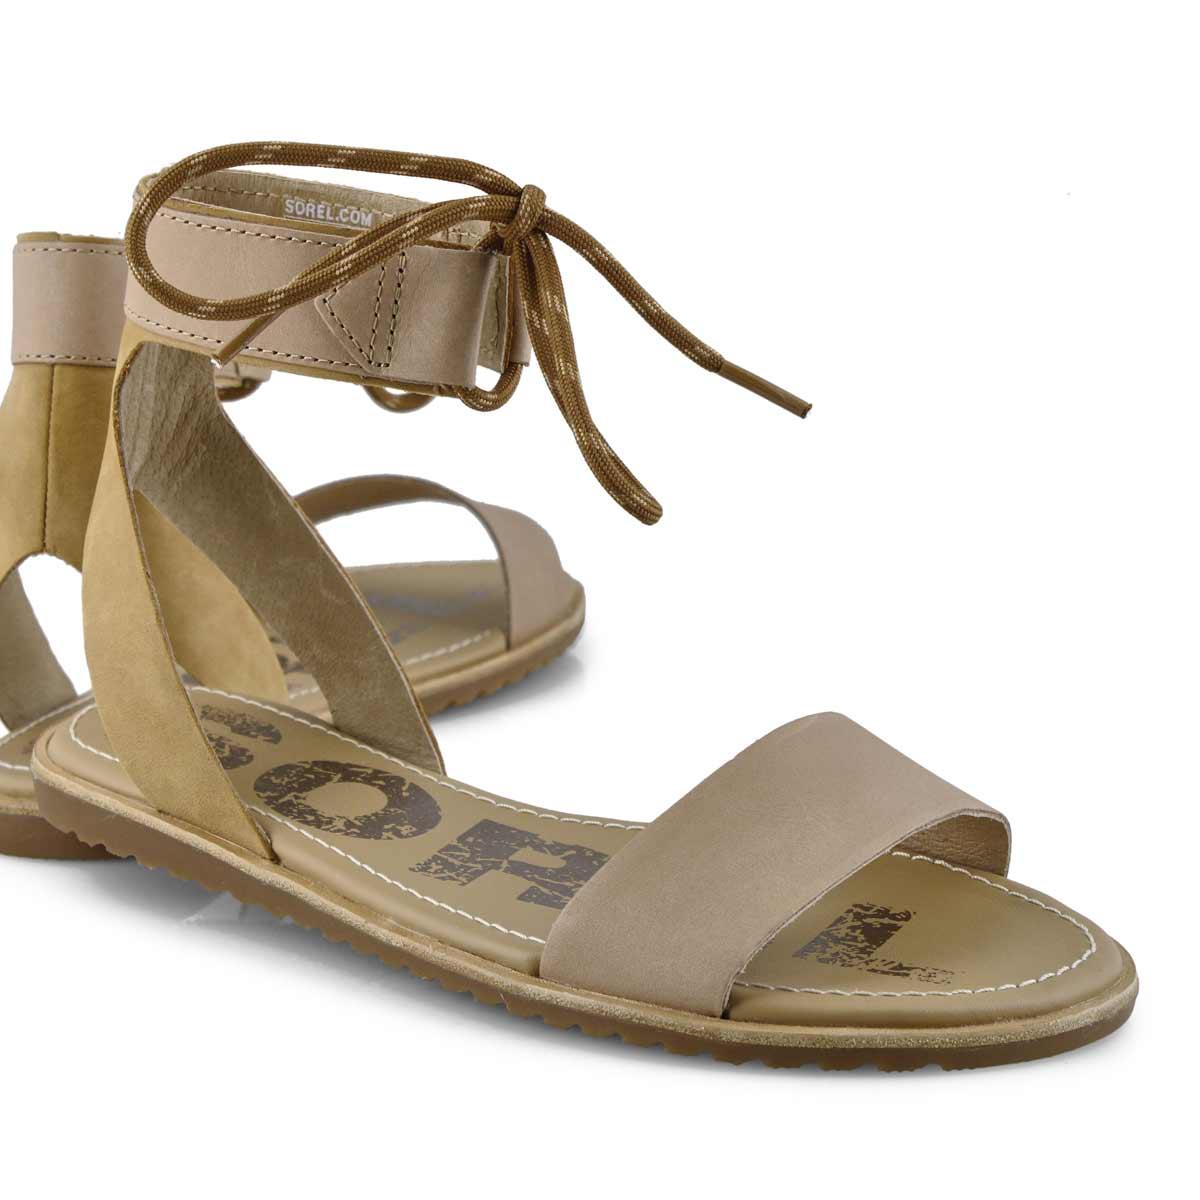 Lds Ella Ankle Lace beige casual sandal